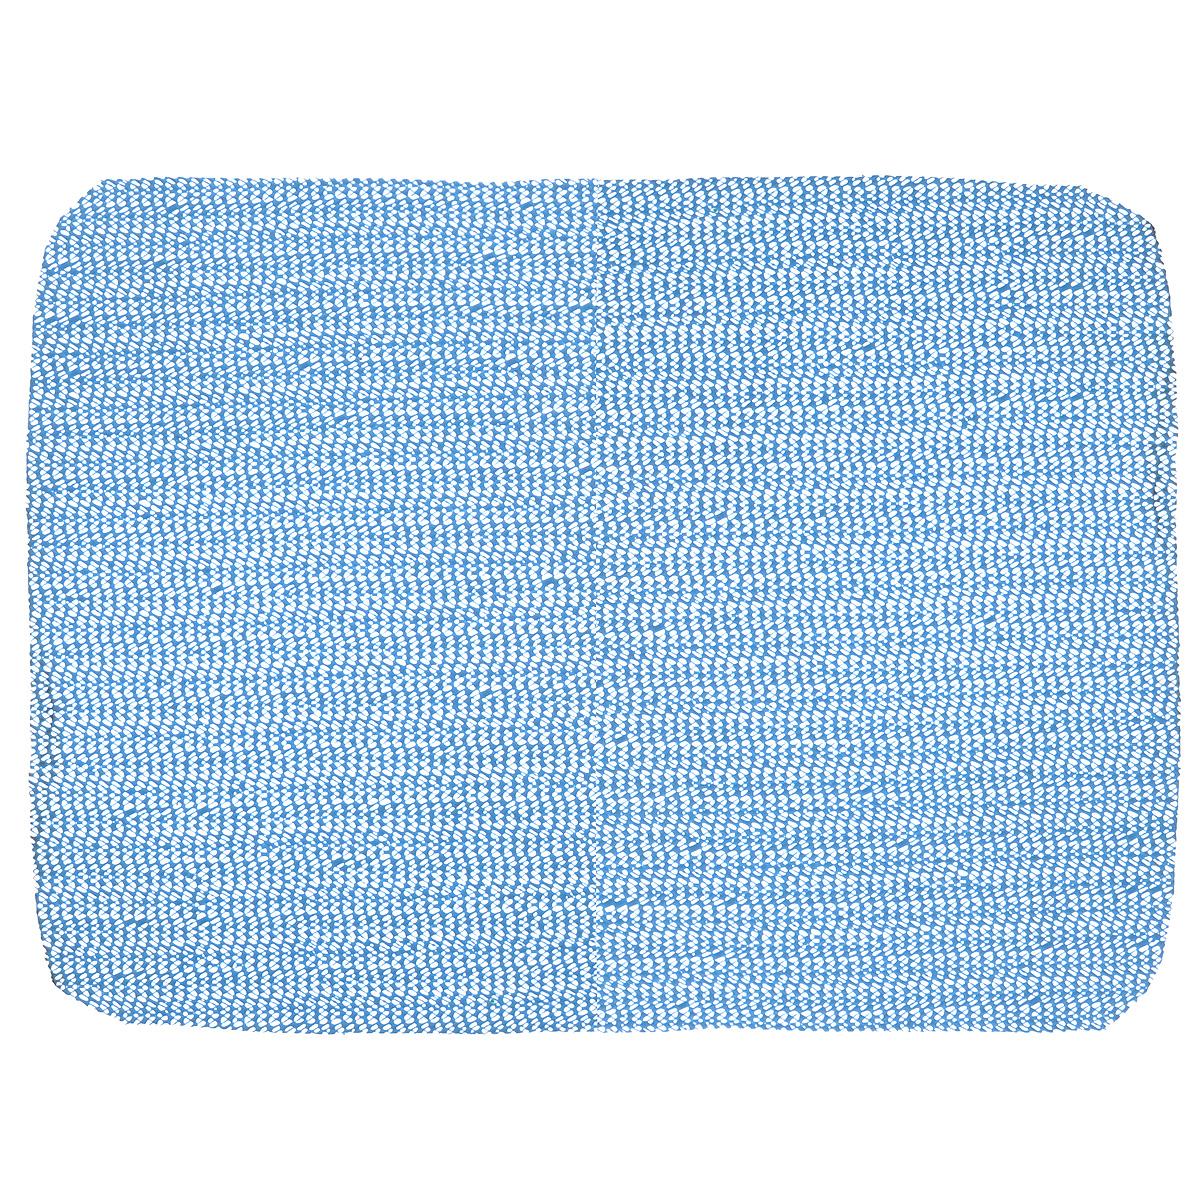 Салфетка противоскользящая Eva, цвет: синий, 40 х 30 смЕ793_синийСалфетка Eva, изготовленная из ПВХ, - замечательное приобретение для хозяек. С помощью данной салфетки предметы не скользят по стеклу, в ящиках, а кроме того, оставляют поверхность чистой.